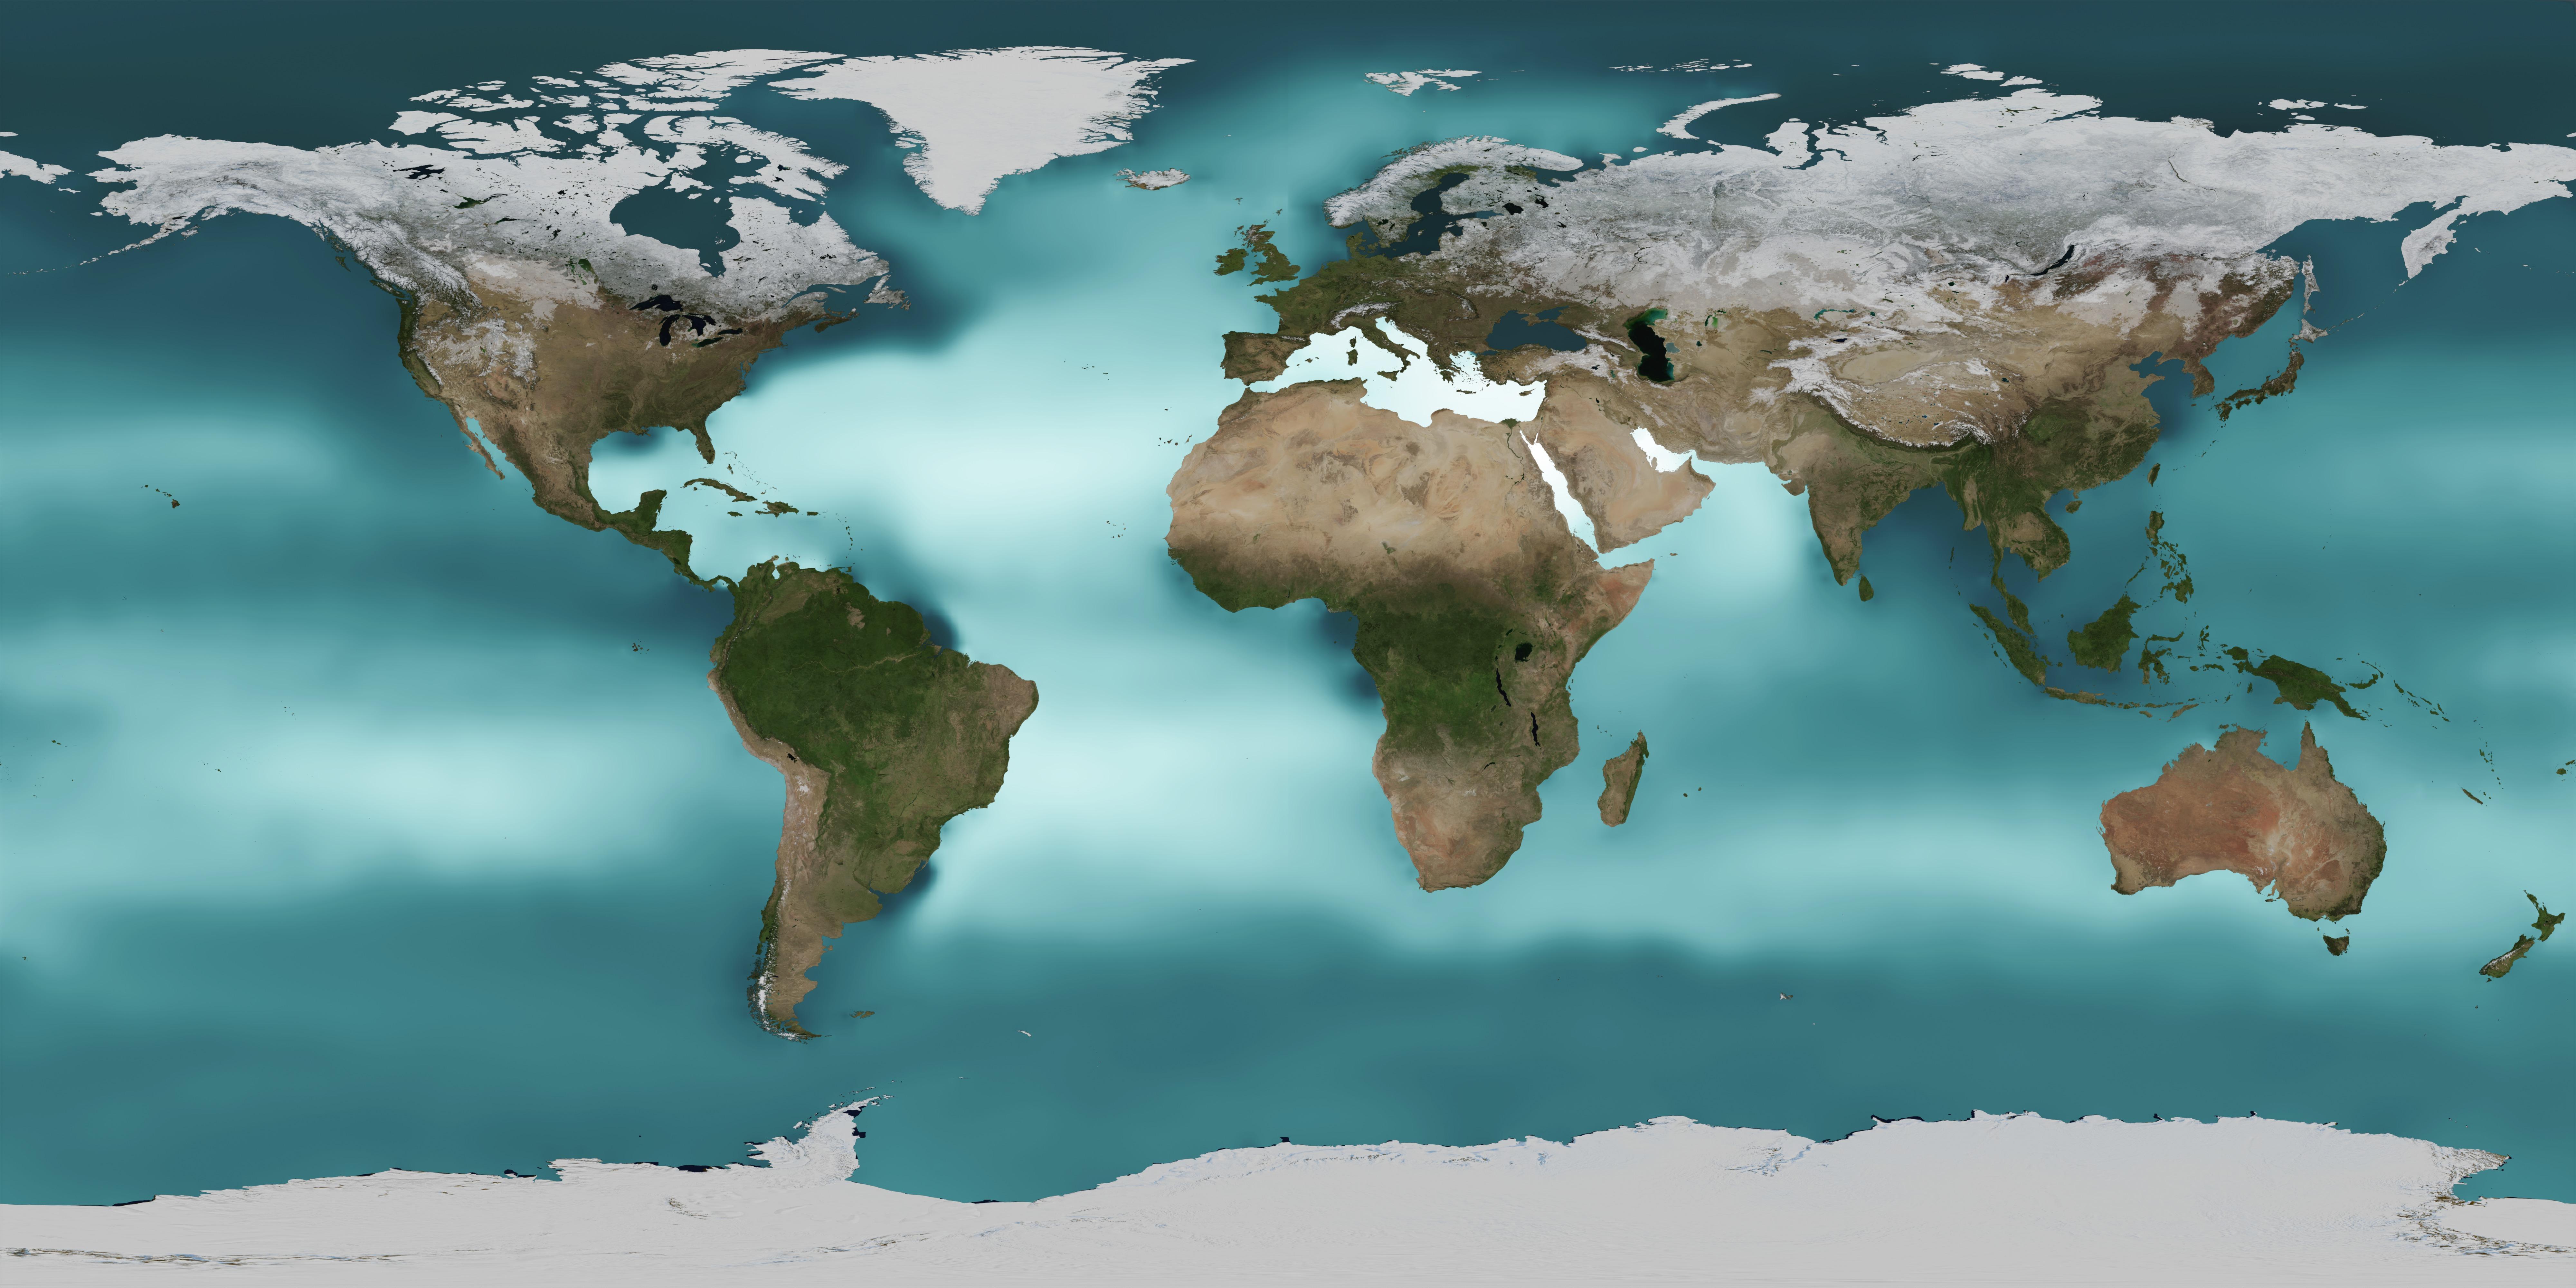 NASA Study Adds a Pinch of Salt to El Niño Models - NASA